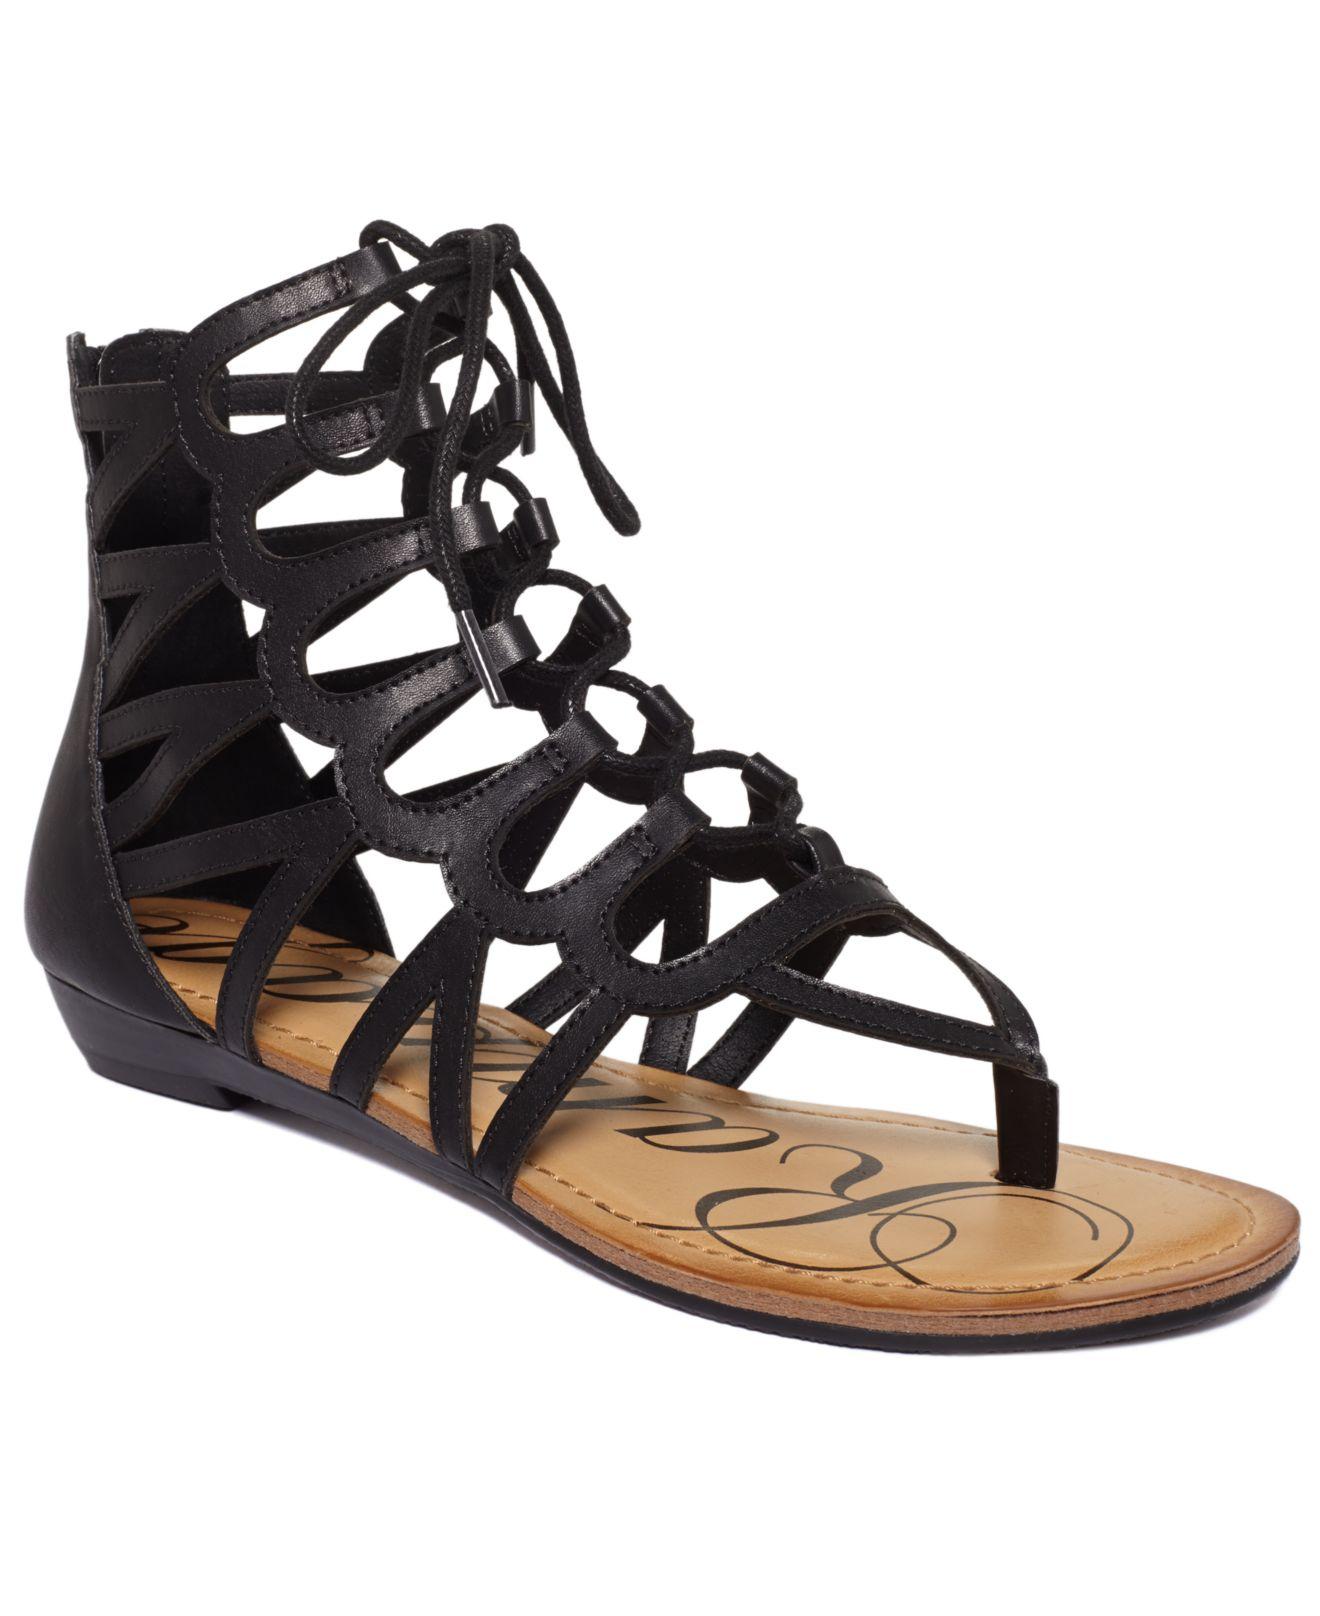 Black sandals juniors - Gallery